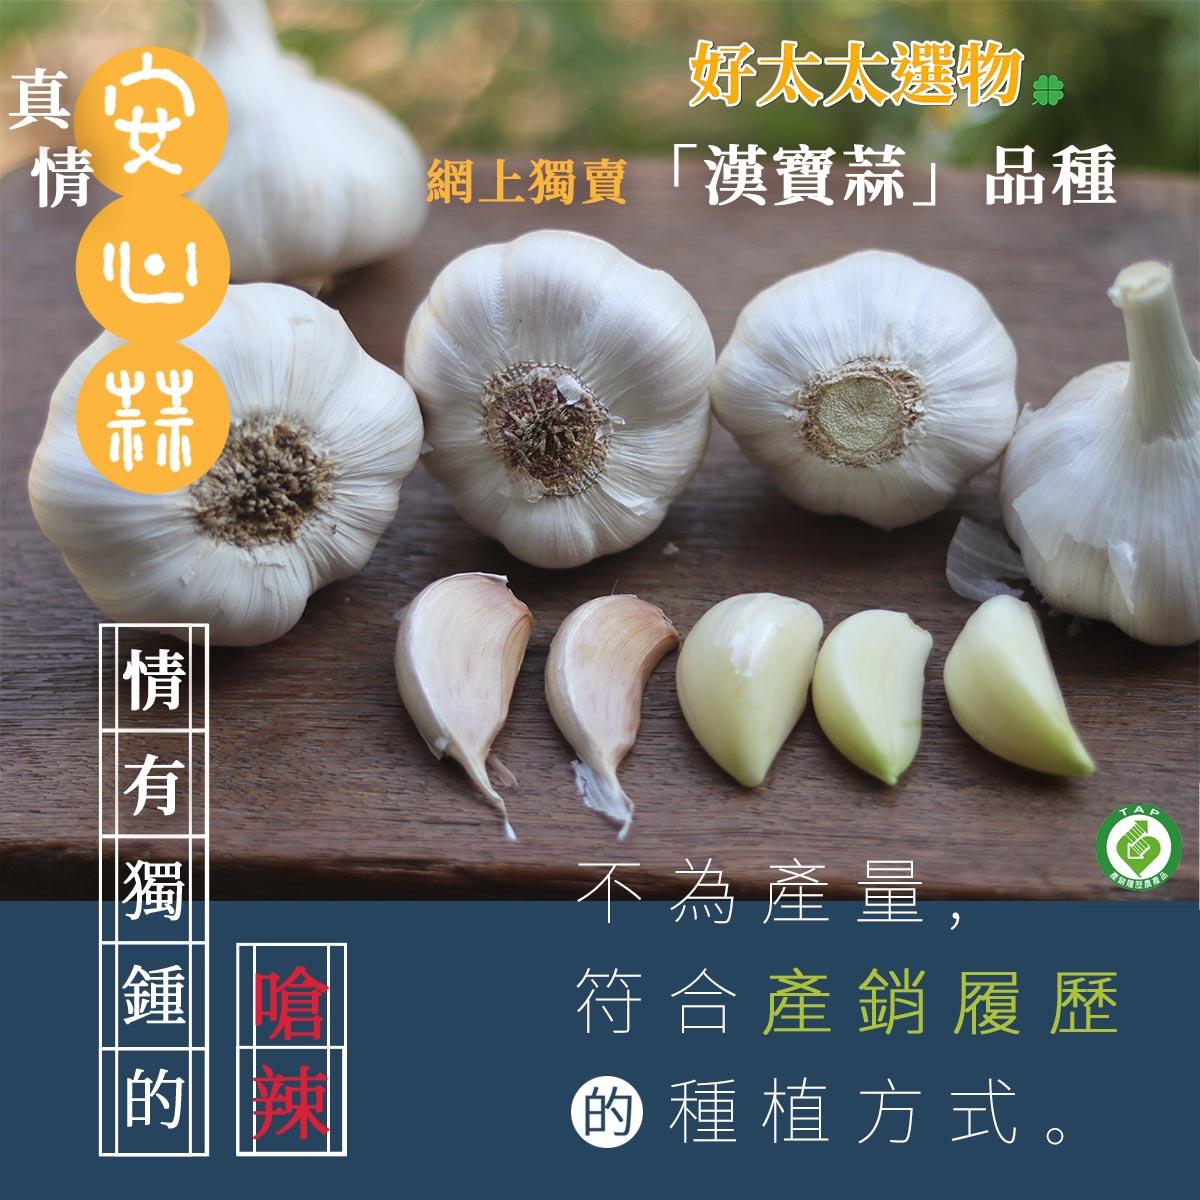 通過「產銷履歷」認證100%保證台灣雲林元長種植「漢寶蒜」。